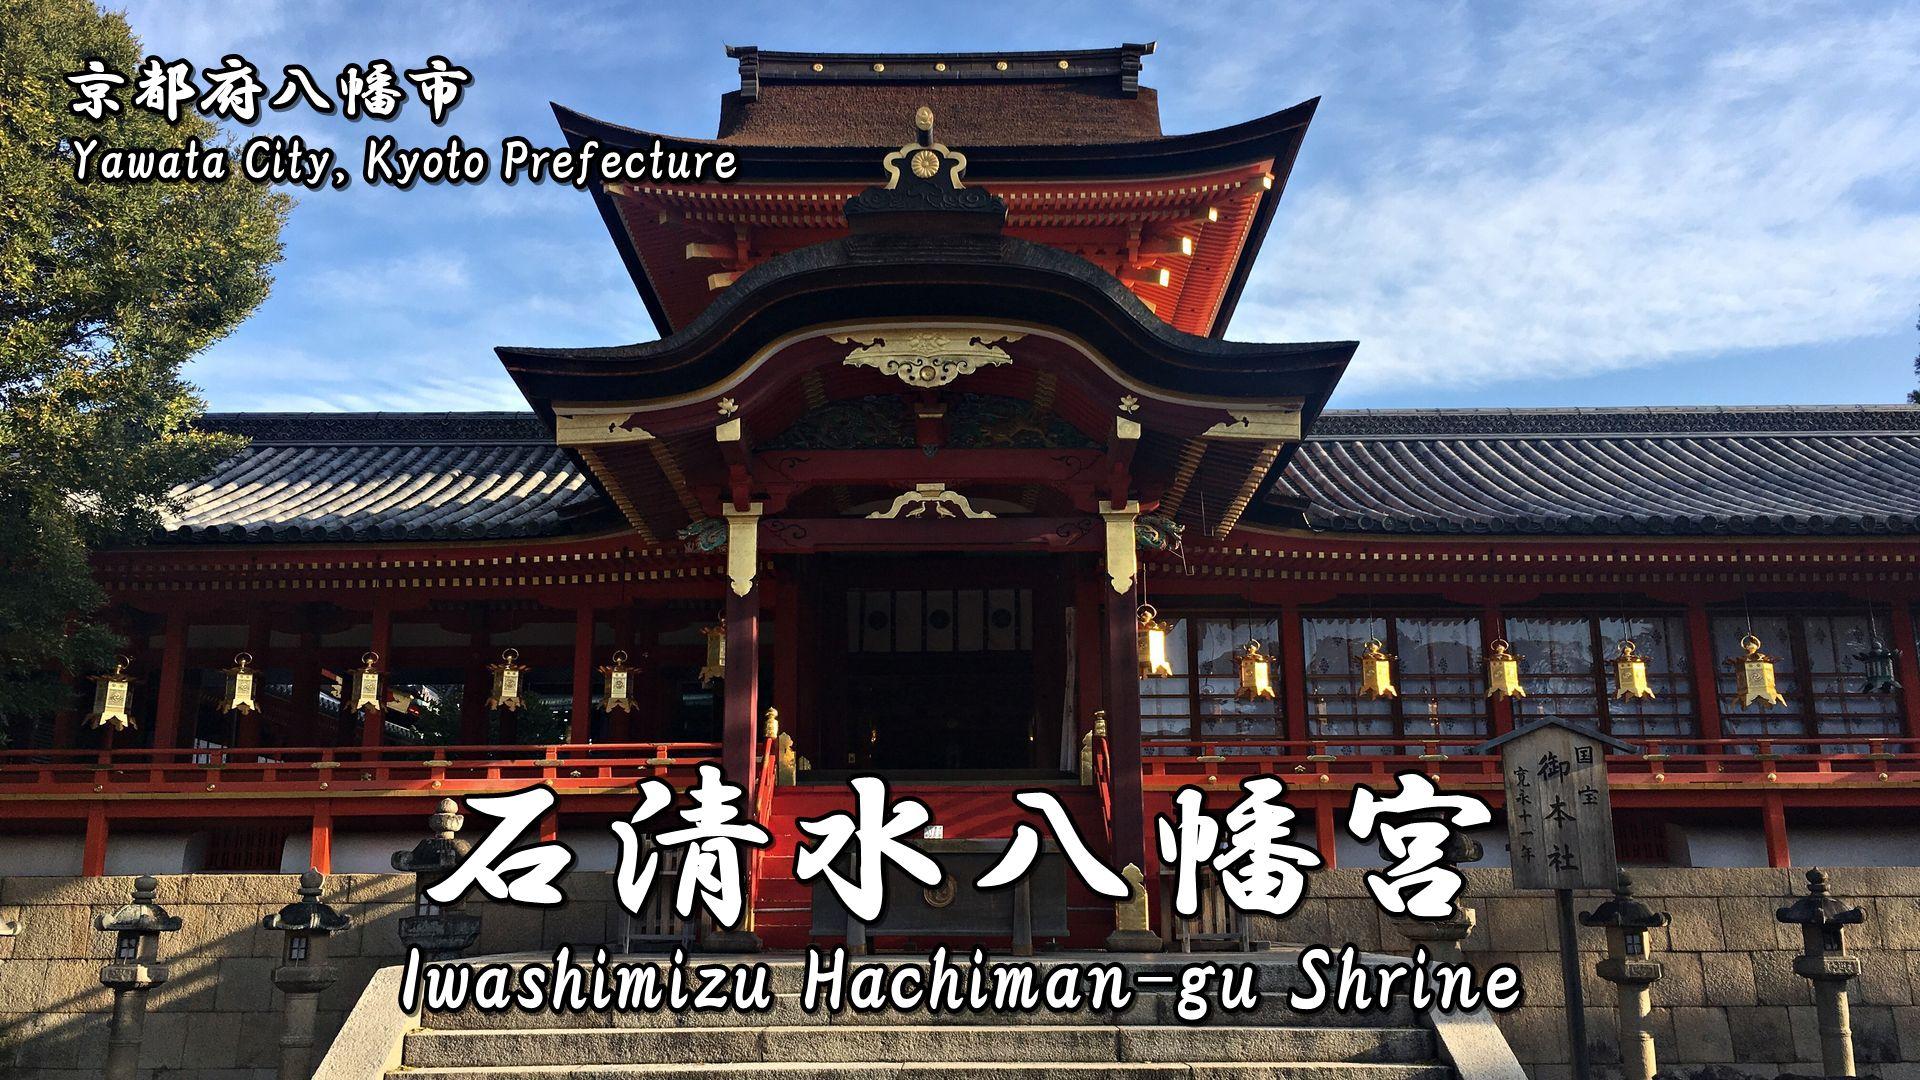 石清水八幡宮-タイトル